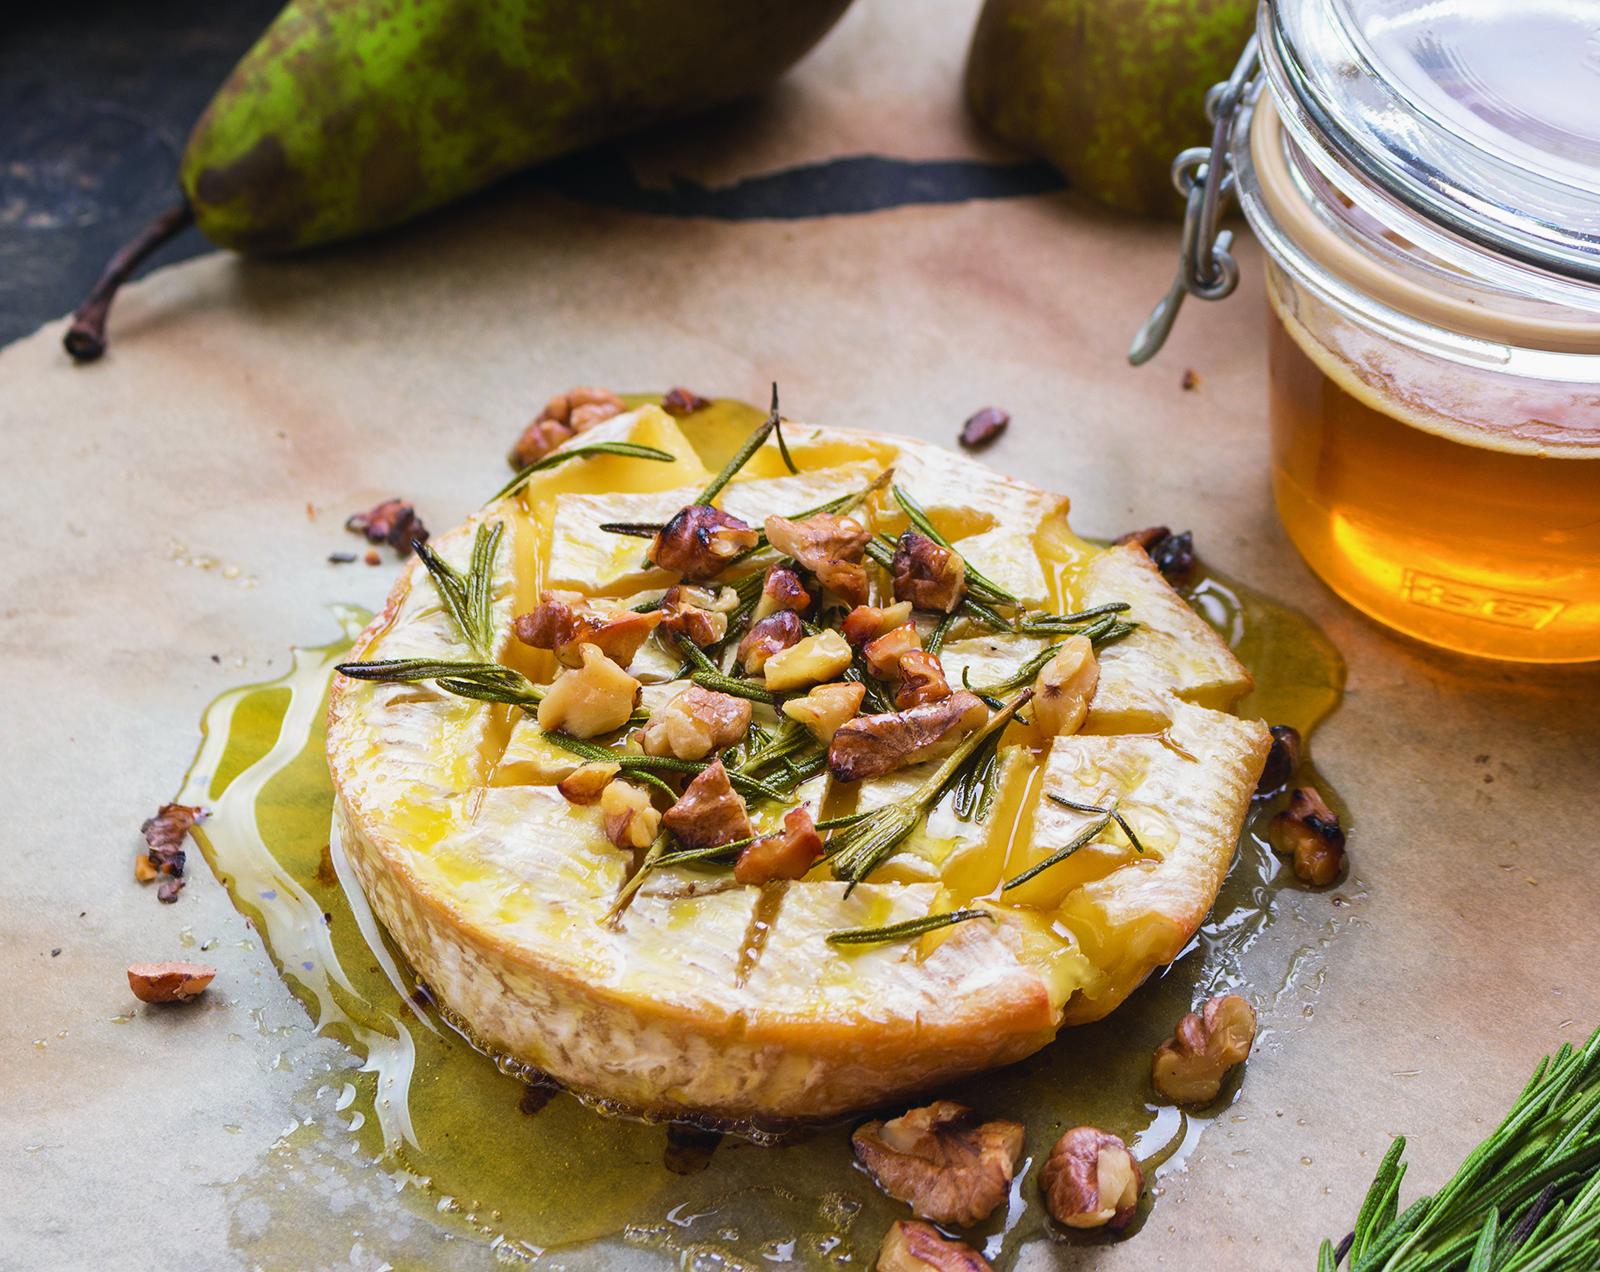 Brie aux poires à manger avec des vins